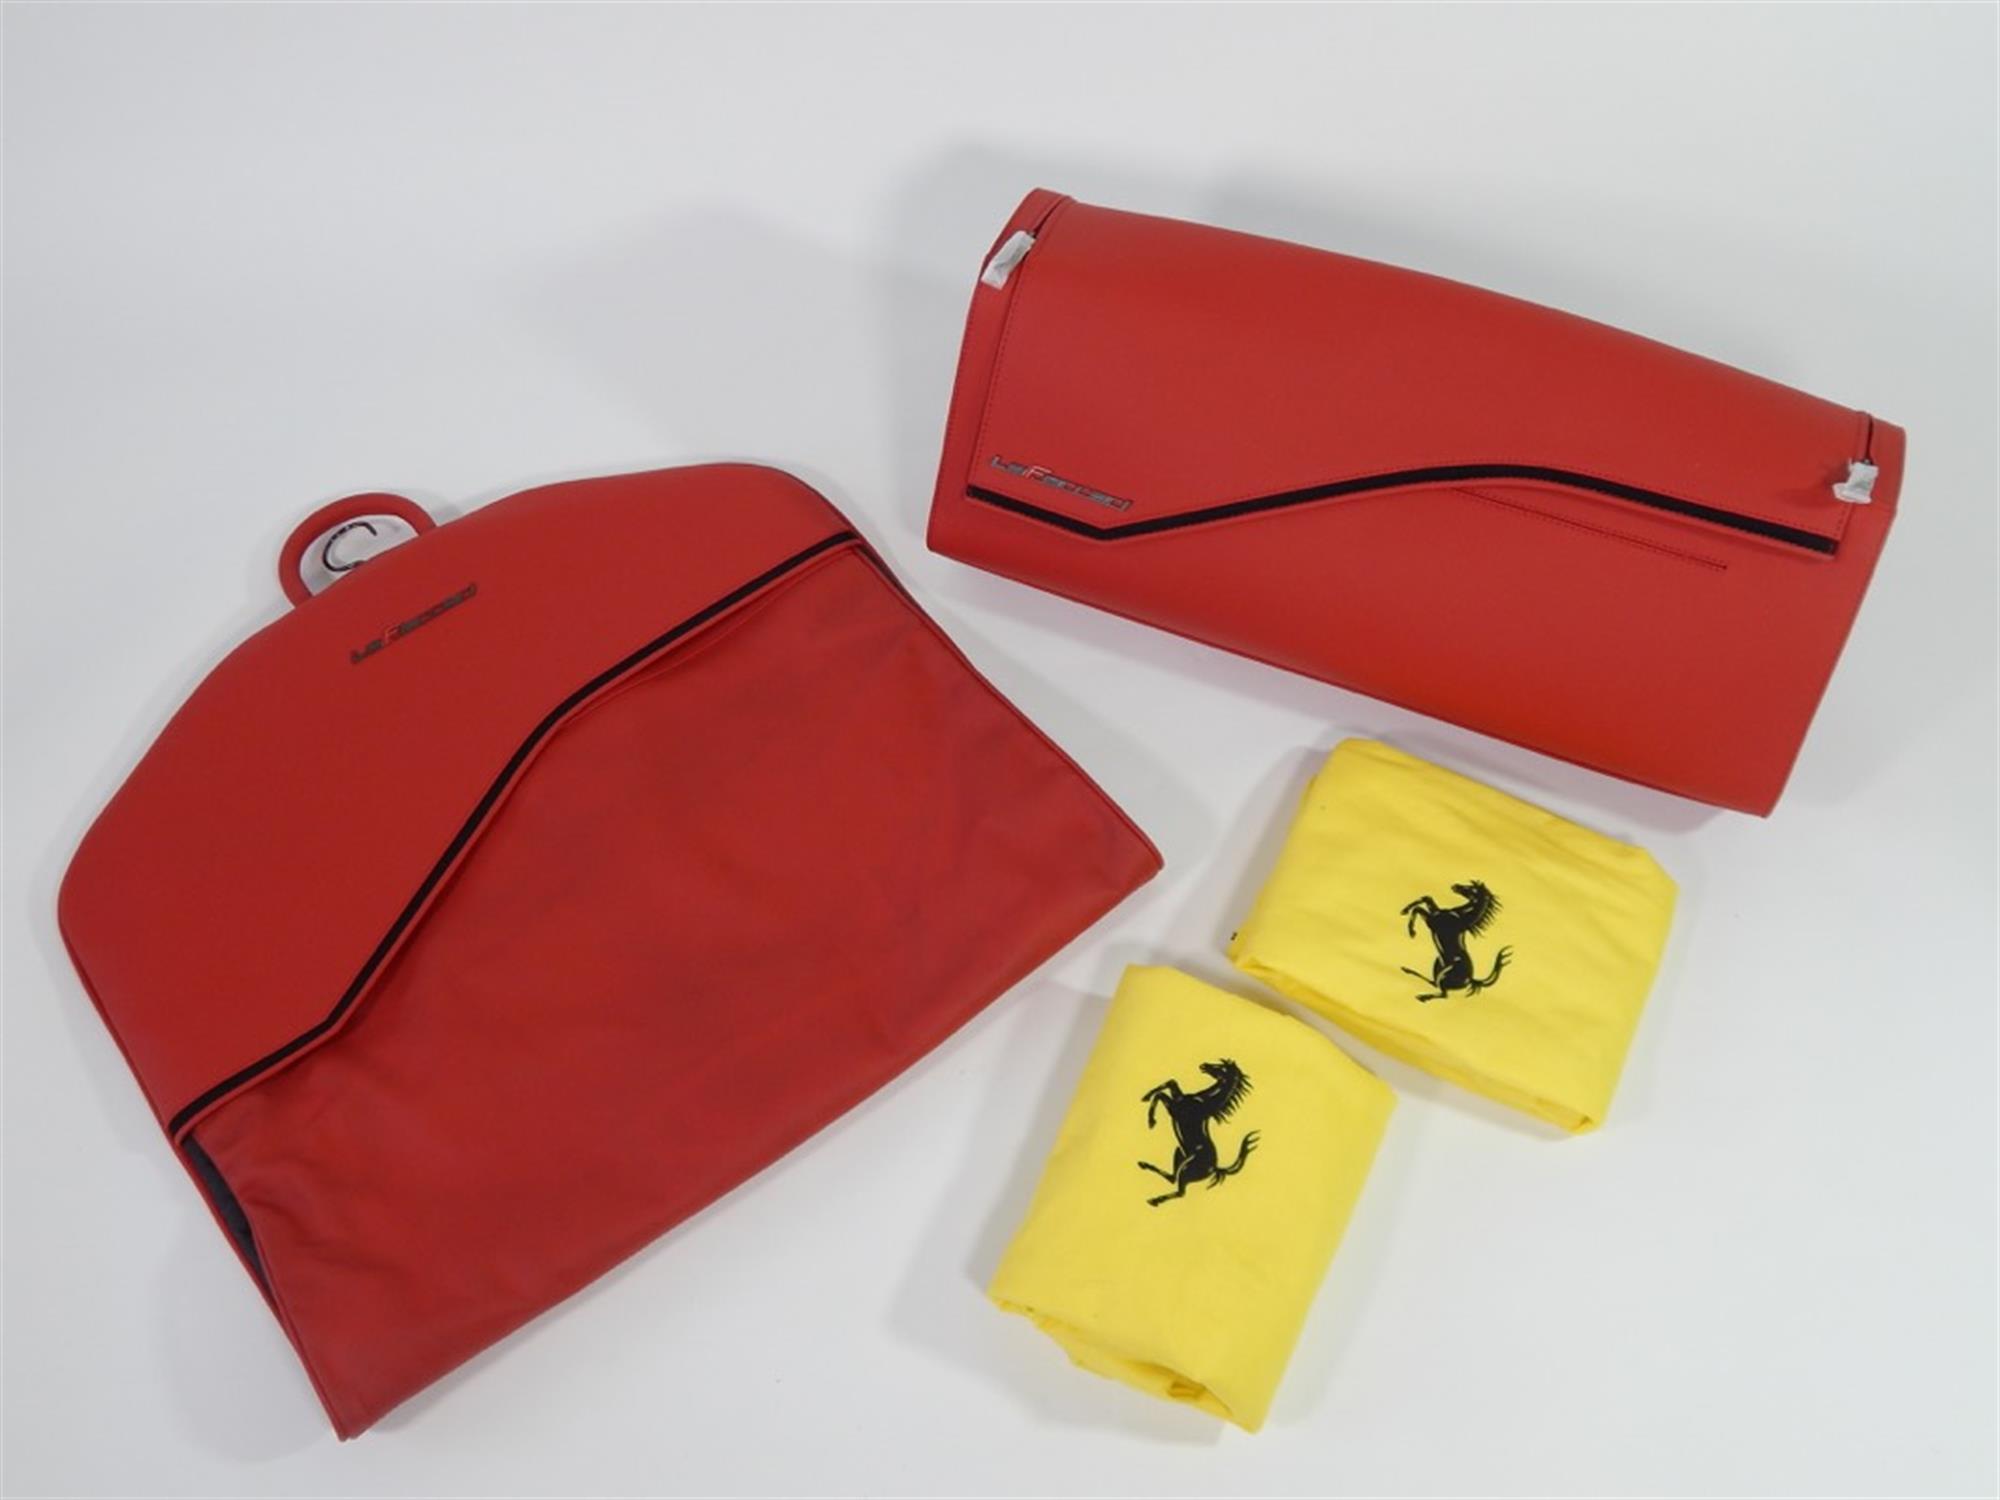 2013 - 2016 Ferrari LaFerrari 2 Piece Complete Schedoni Luggage Set